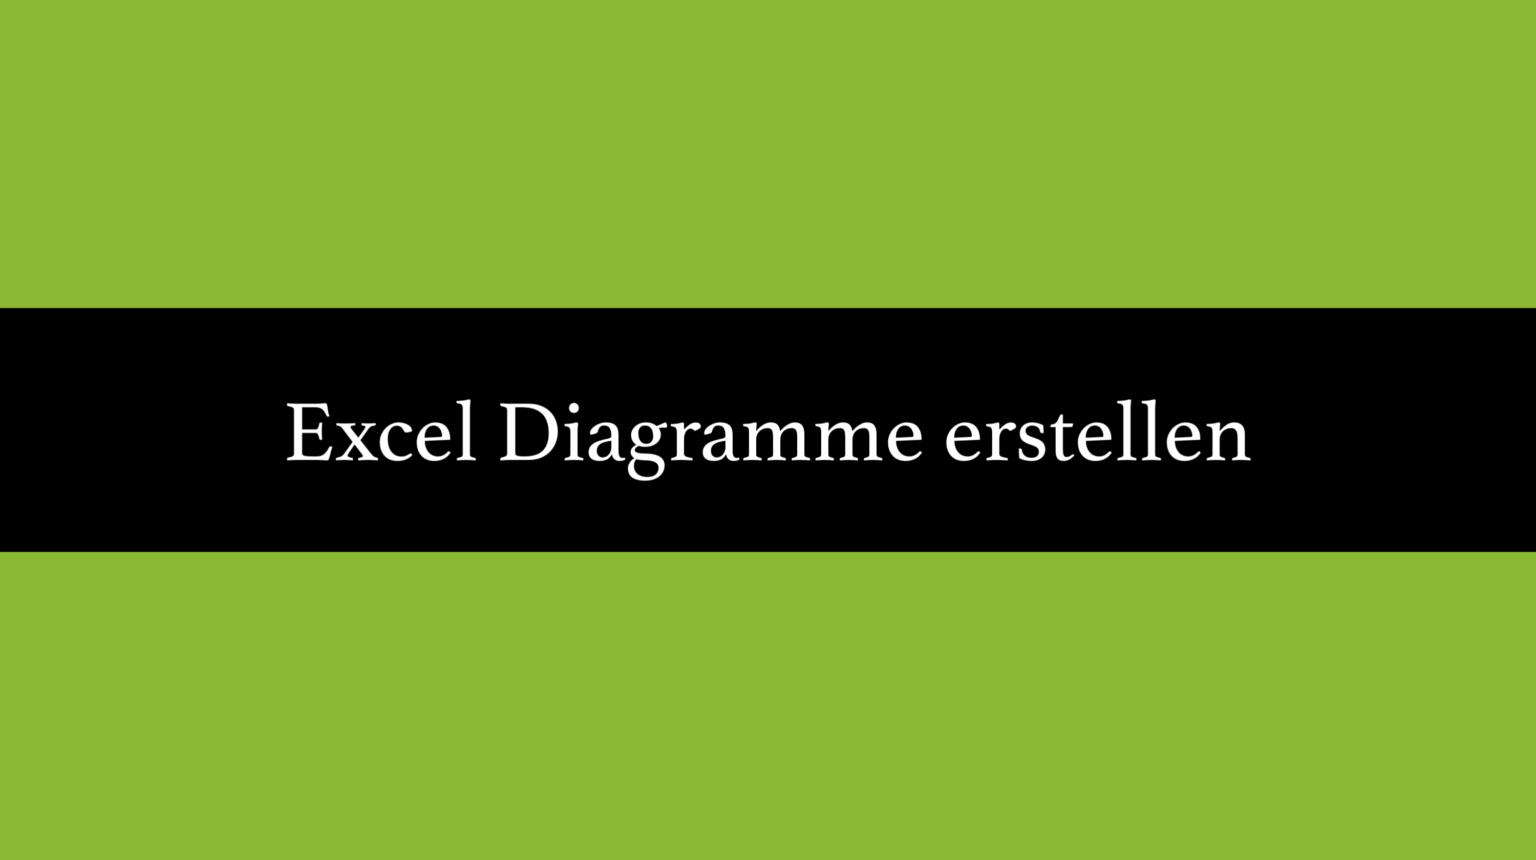 Ein Excel Diagramm Erstellen Bearbeiten Und Formatieren Diagramm Erstellen Diagramm Buroorganisation Tipps